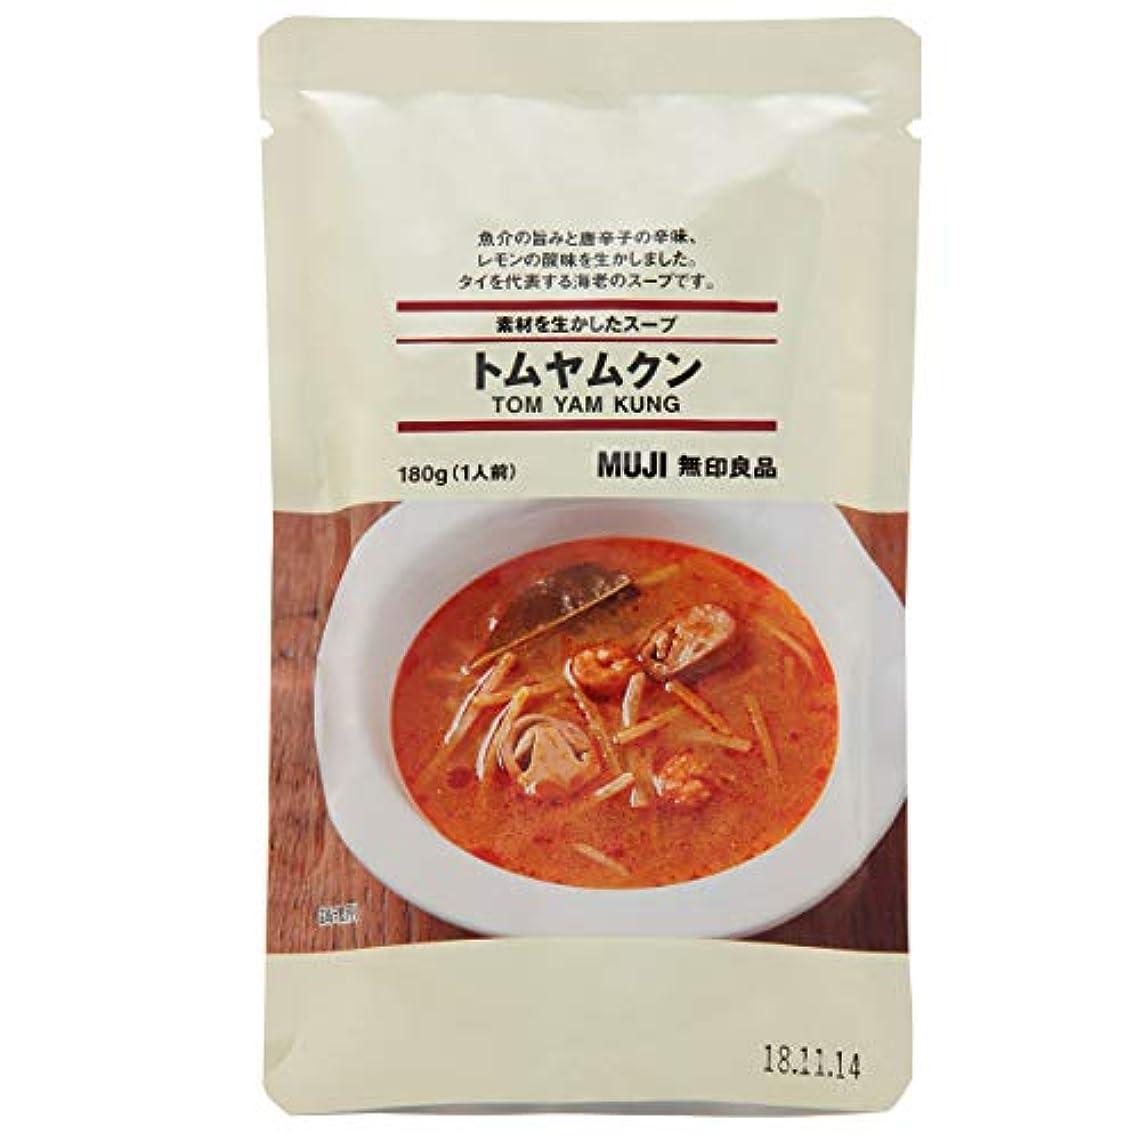 百万ほんのより多い無印良品 素材を生かしたスープ トムヤムクン 180g(1人前)